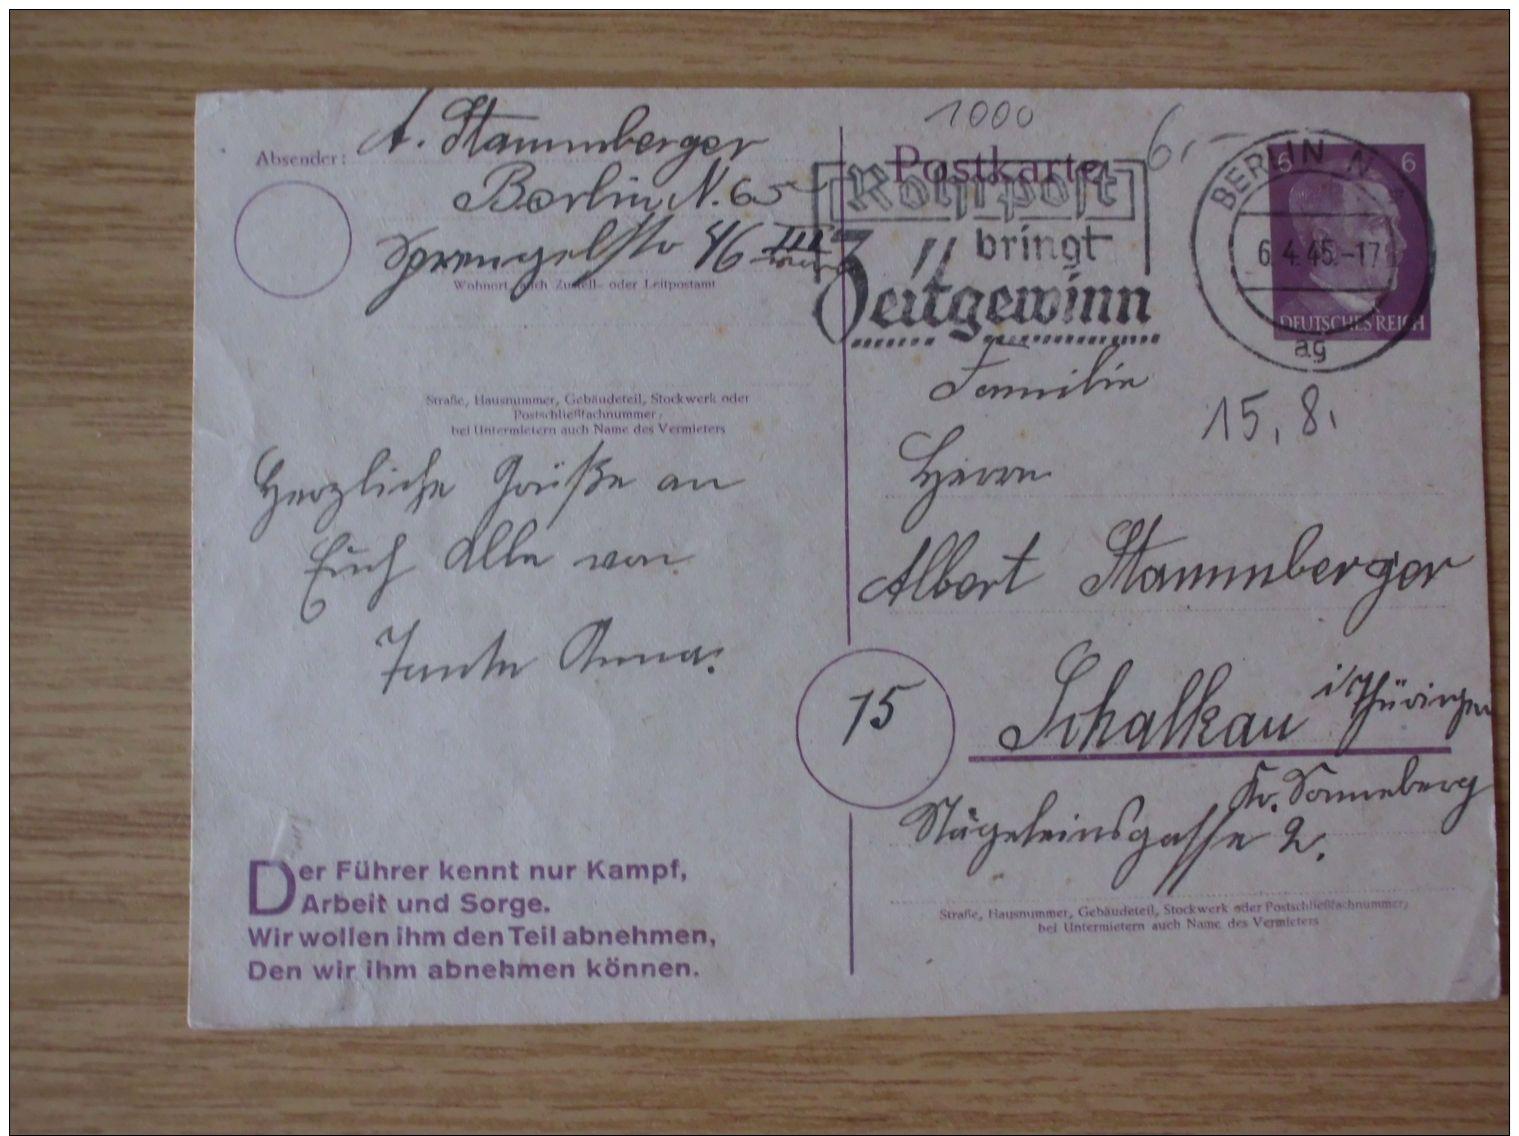 06.04.1945, POSTKARTE Mit AUTOMATENSTEMPEL Von BERLIN, N 4, ROHRPOST BRINGT ZEITGEWINN - Germania